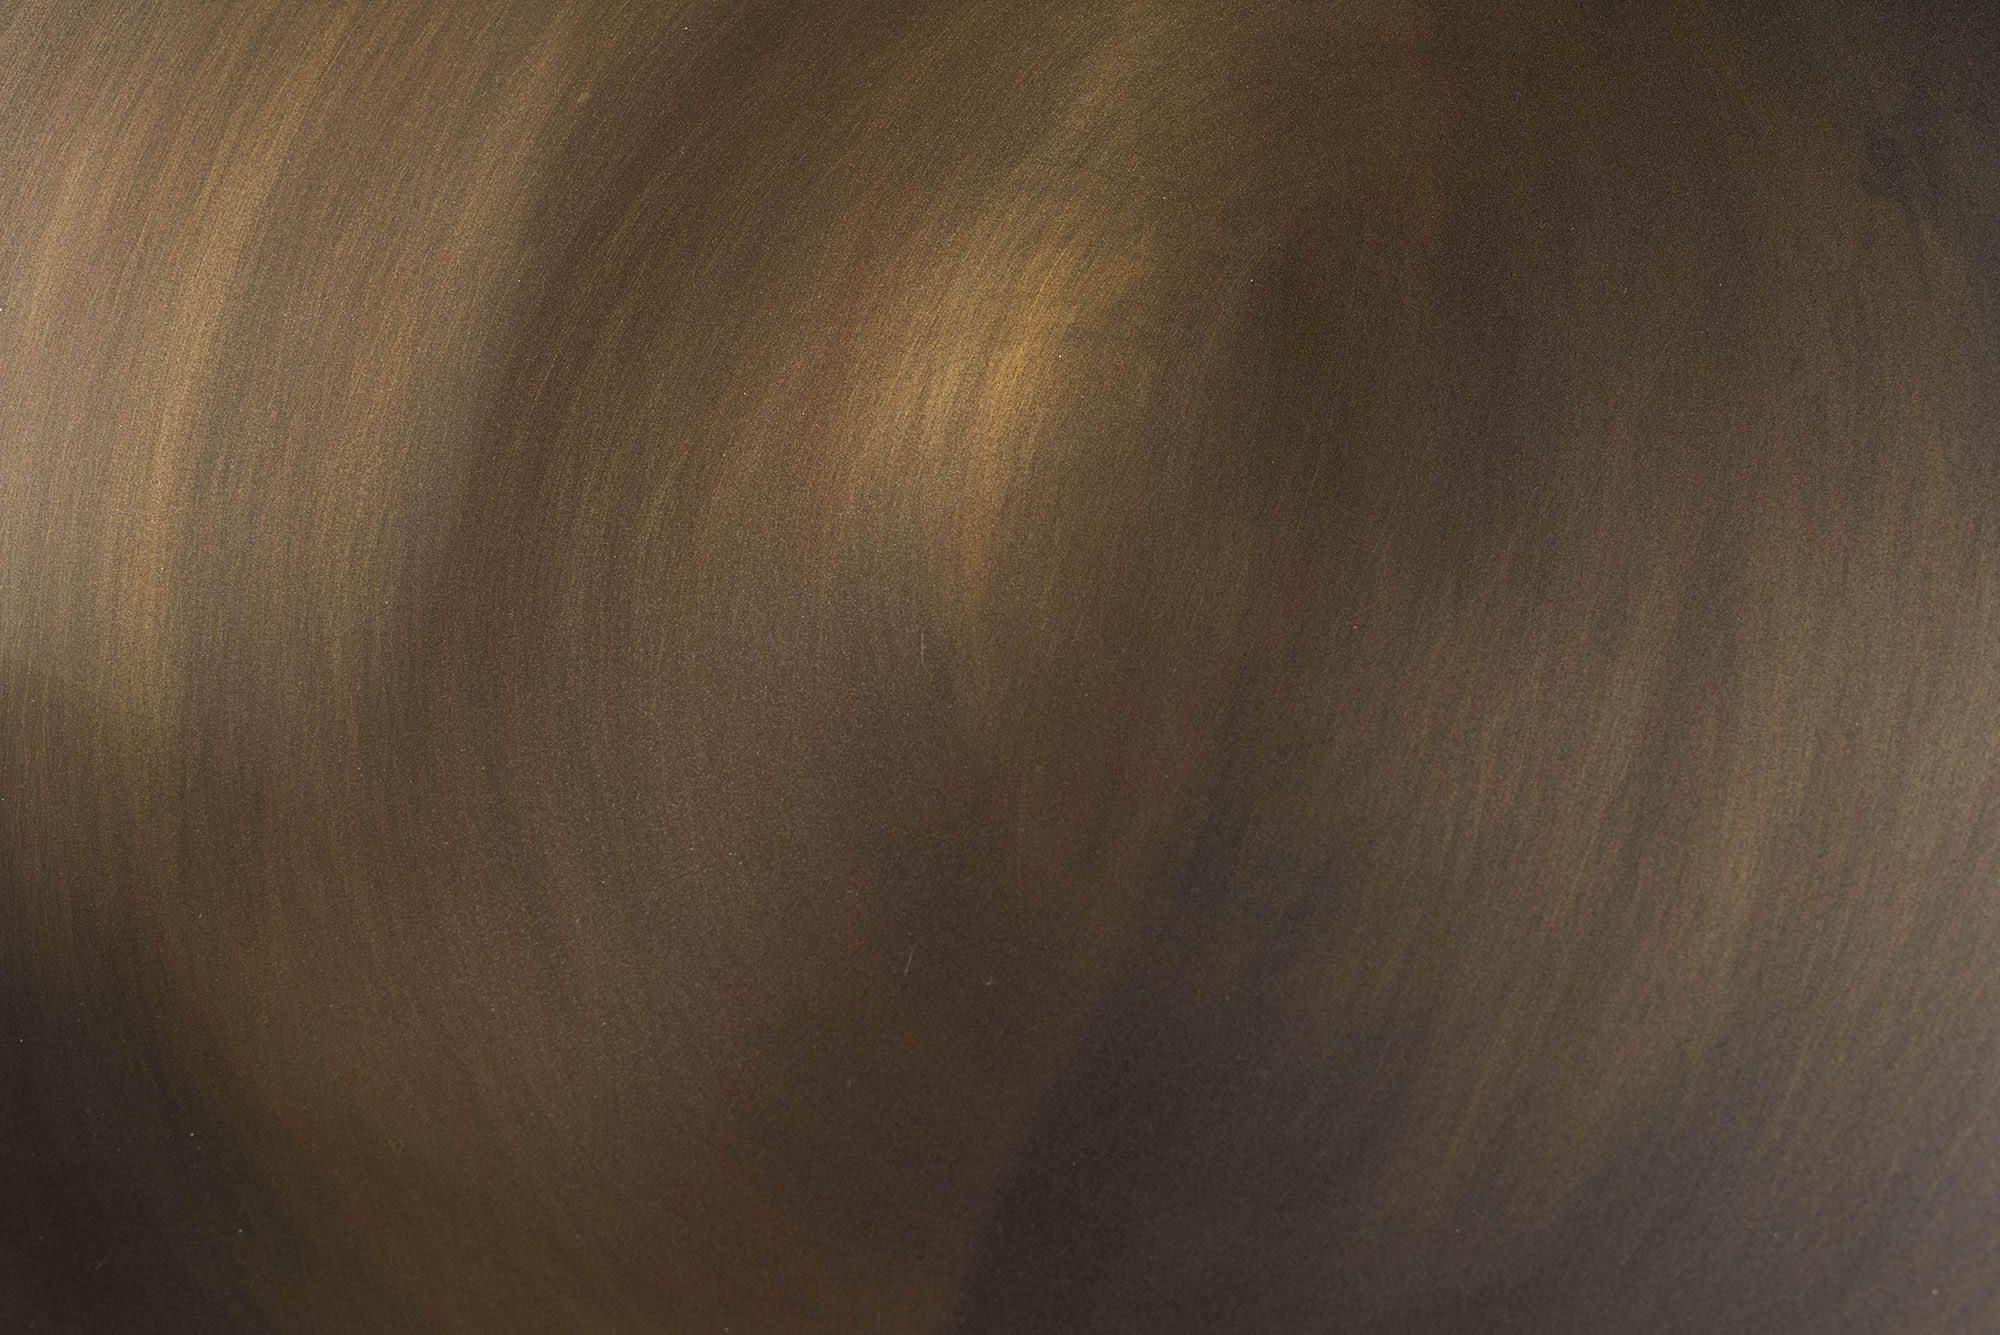 Detaljbild på Fredo bordsskiva i borstad stål.